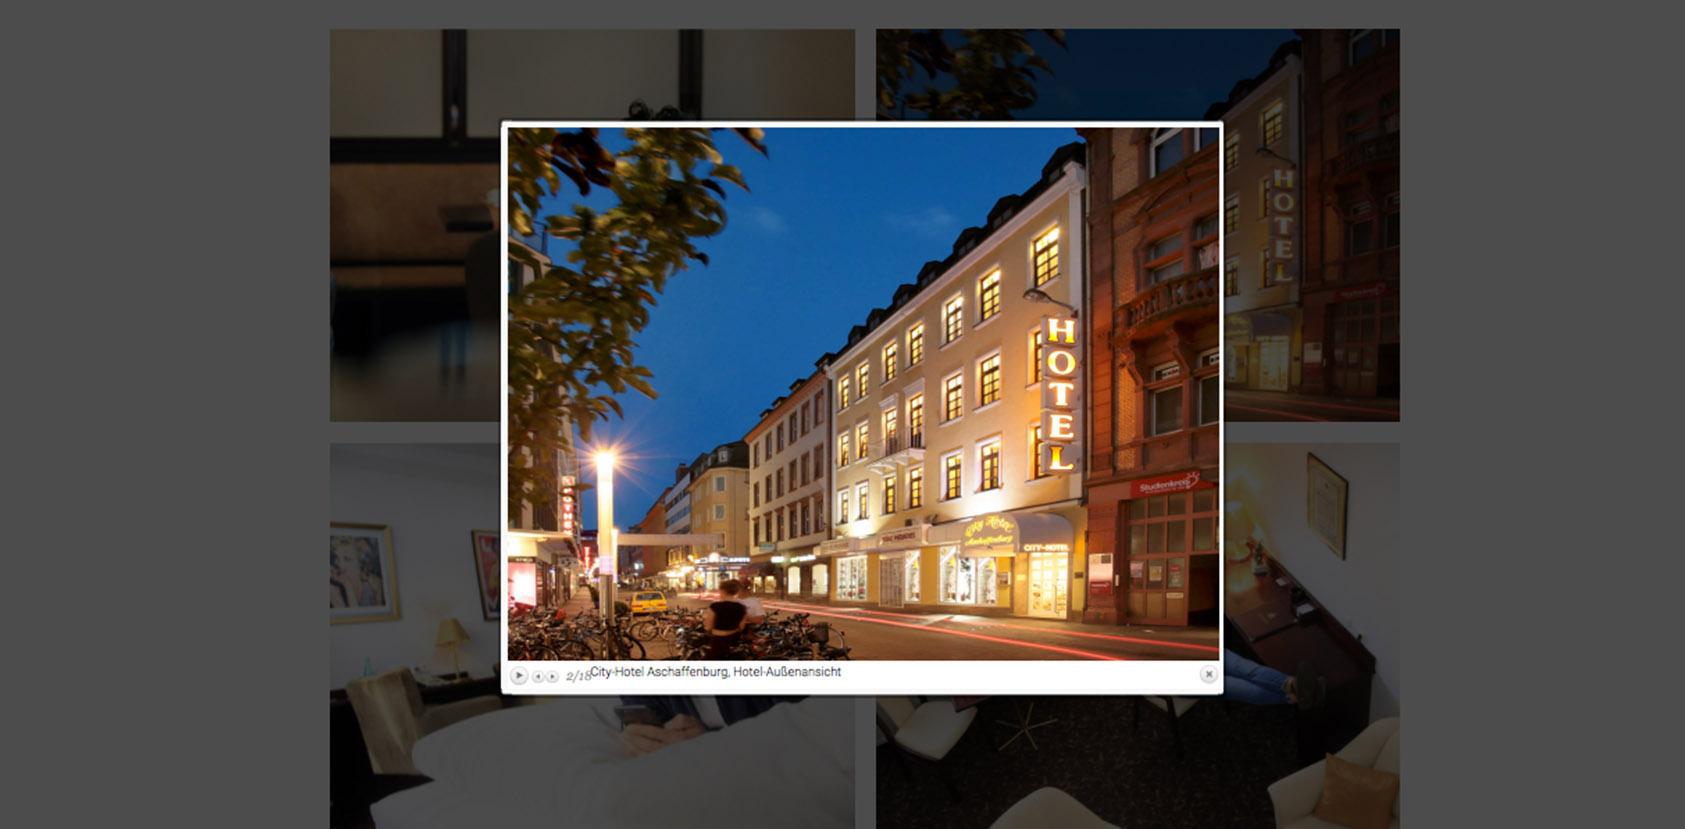 hotel fotos; hotel fotograf-frankfurt; hotel fotograf-bayern, hotel fotograf-deutschland, hotelfotografie-frankfurt, aschaffenburg, Reise; Geografie; Reisen; Reiseziel; Tourismus; Sightseeing; indoor; Innenaufnahme; Architektur; architecture; Hotelfoto; hotel photography; hotel; hotel_foto_09_frankfurt_klewar-photographie